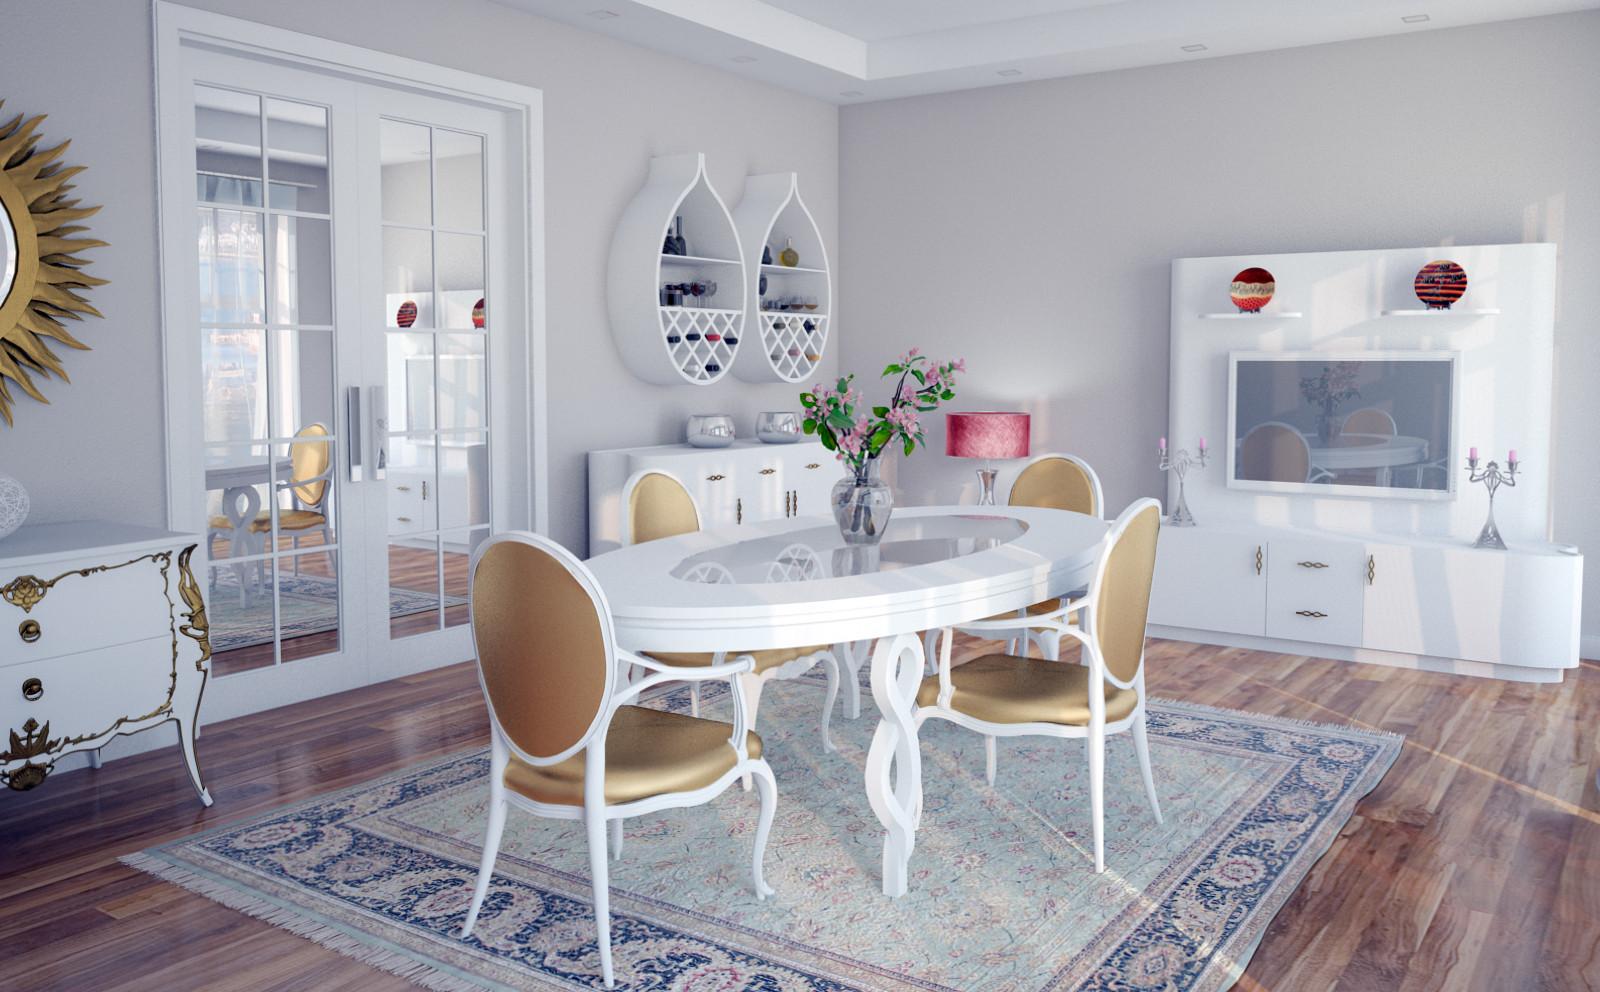 Auger Dining Room Set